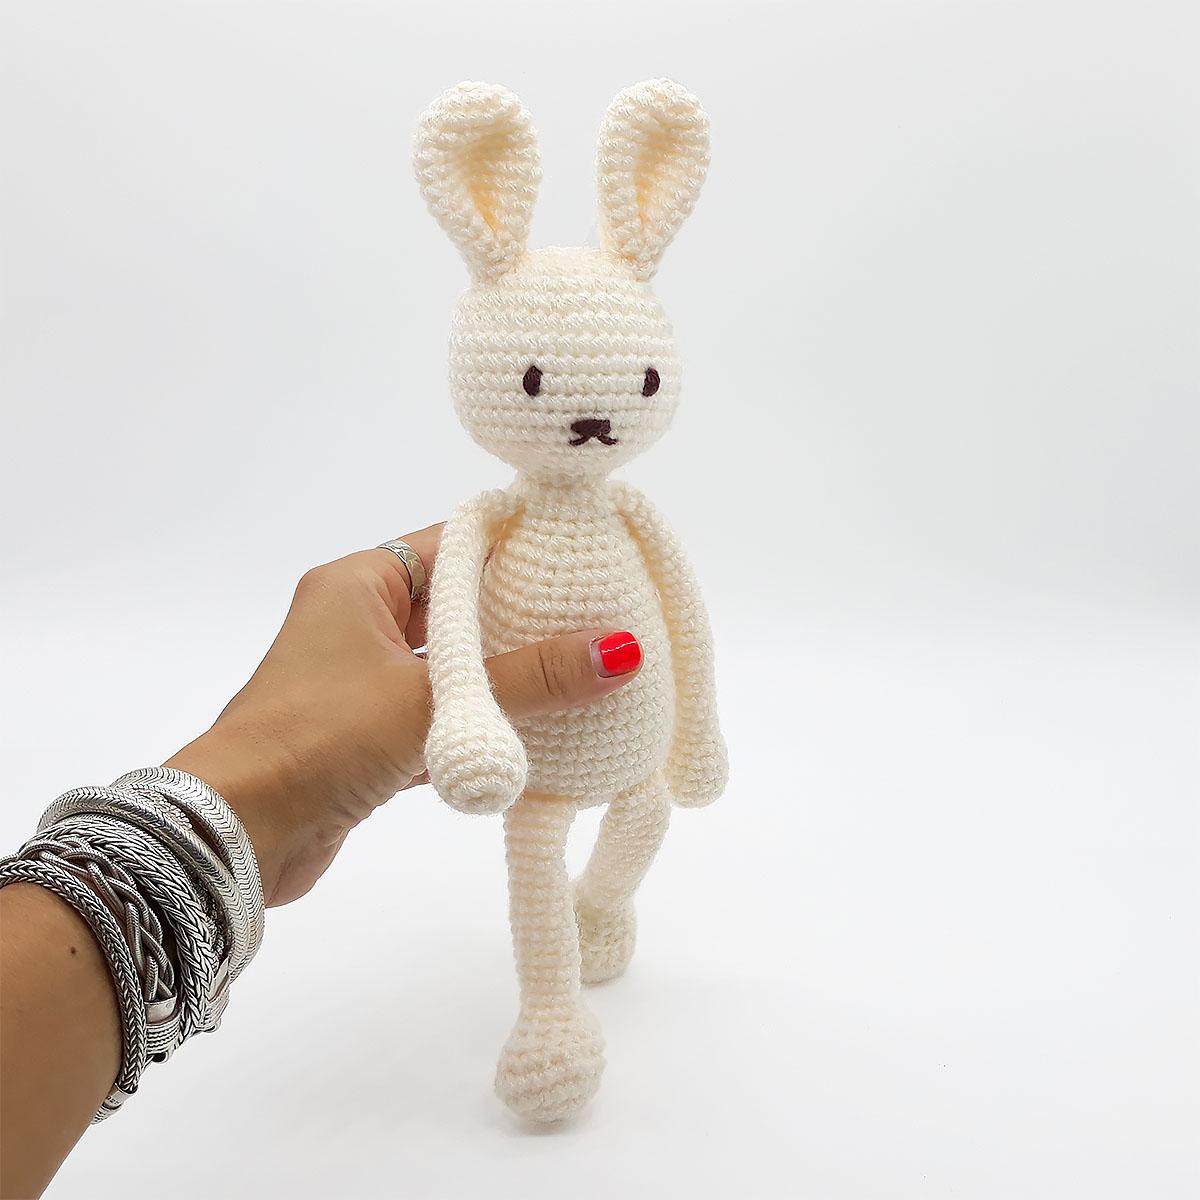 Lucky lapin doudou amigurumi crochet bordeaux et gris : enfants ... | 1200x1200